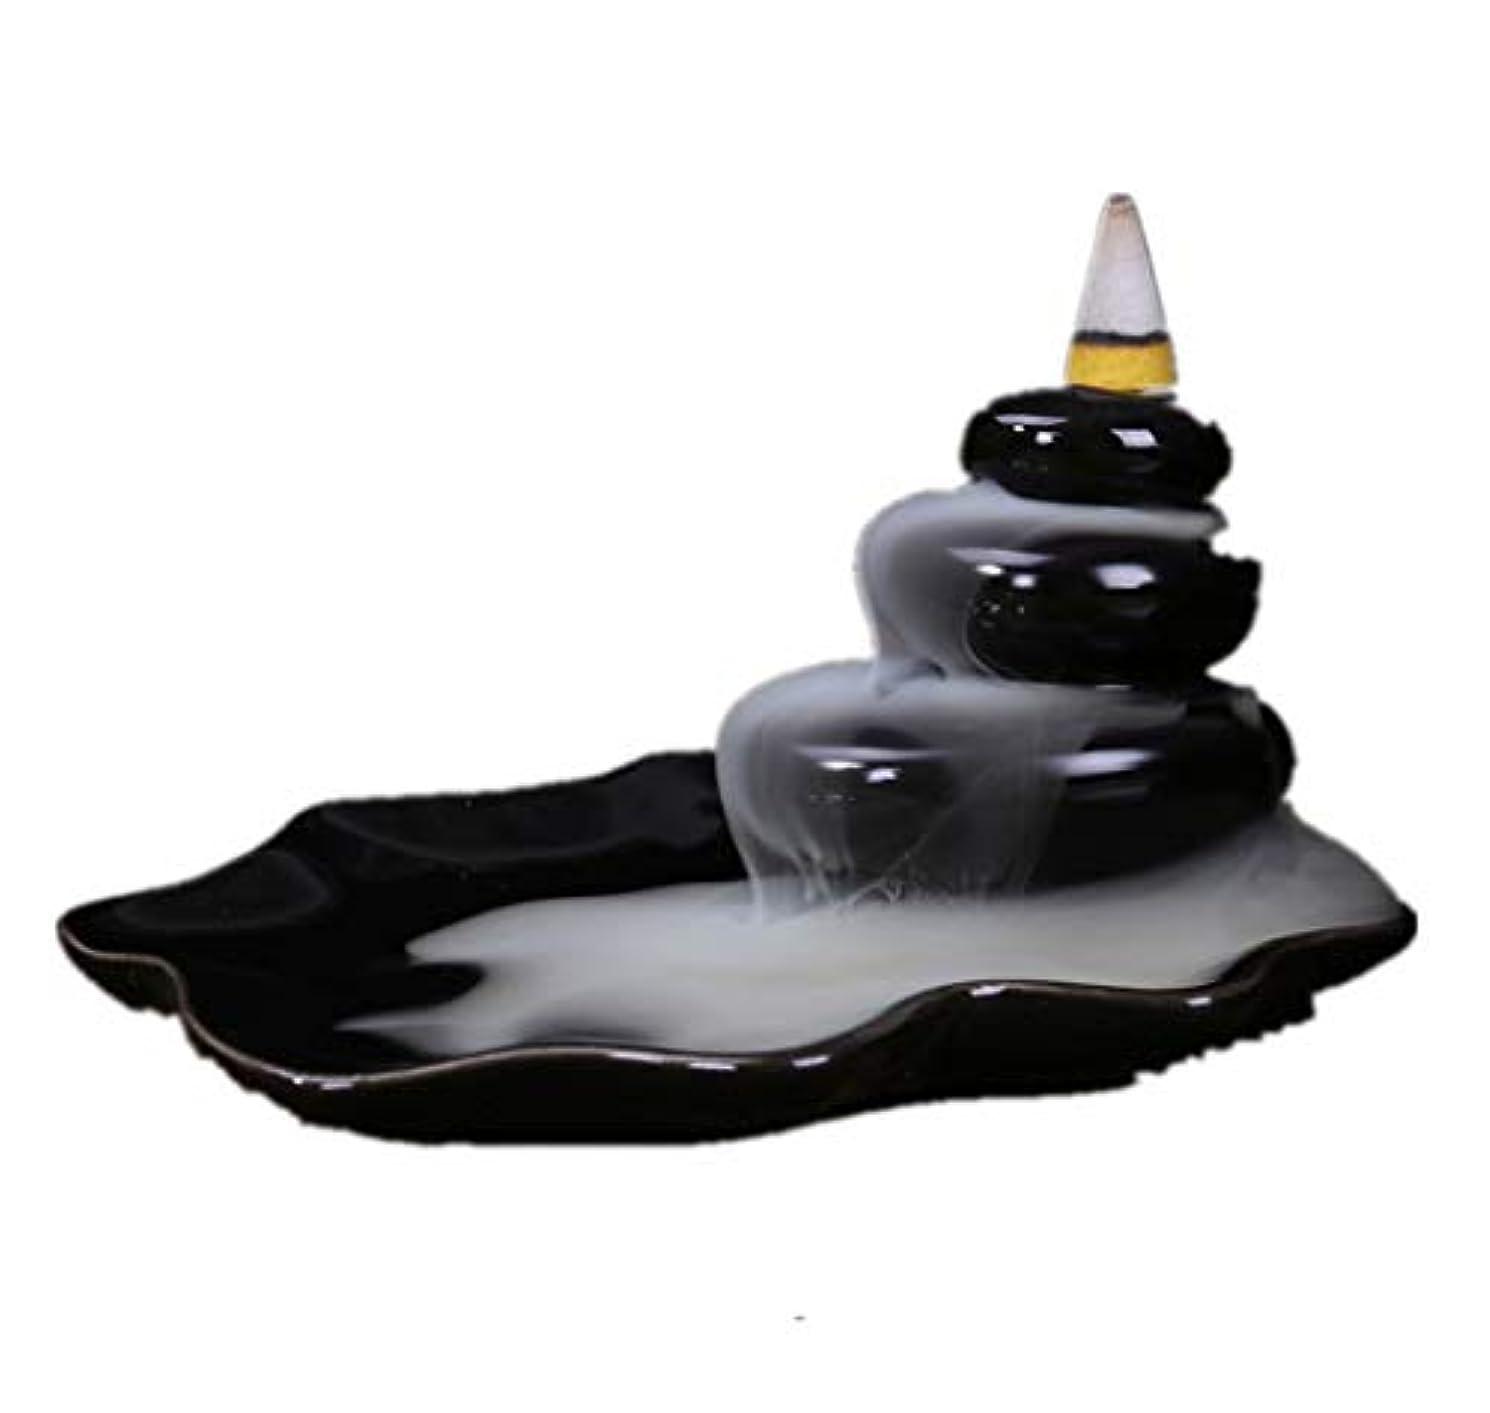 トランペットかみそりセンサーXPPXPP Backflow Incense Burner, Household Ceramic Returning Cone-shaped Candlestick Burner